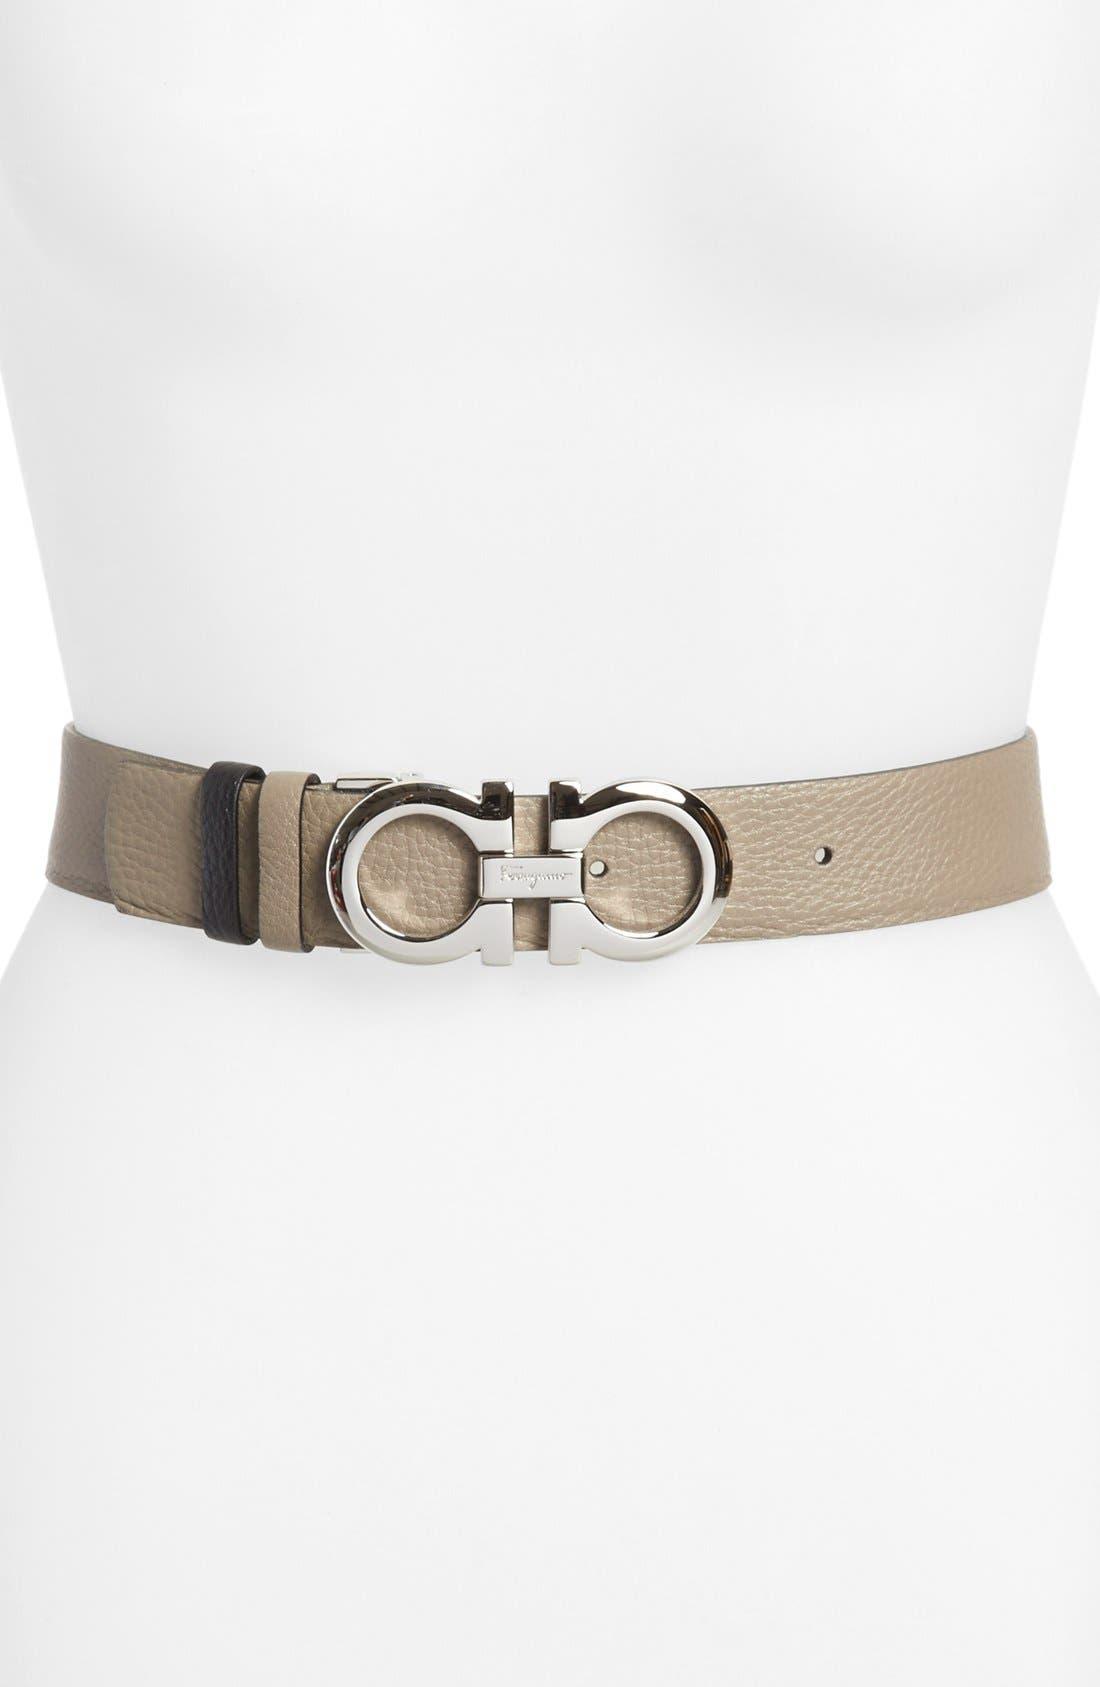 Alternate Image 1 Selected - Salvatore Ferragamo Gancini Reversible Belt